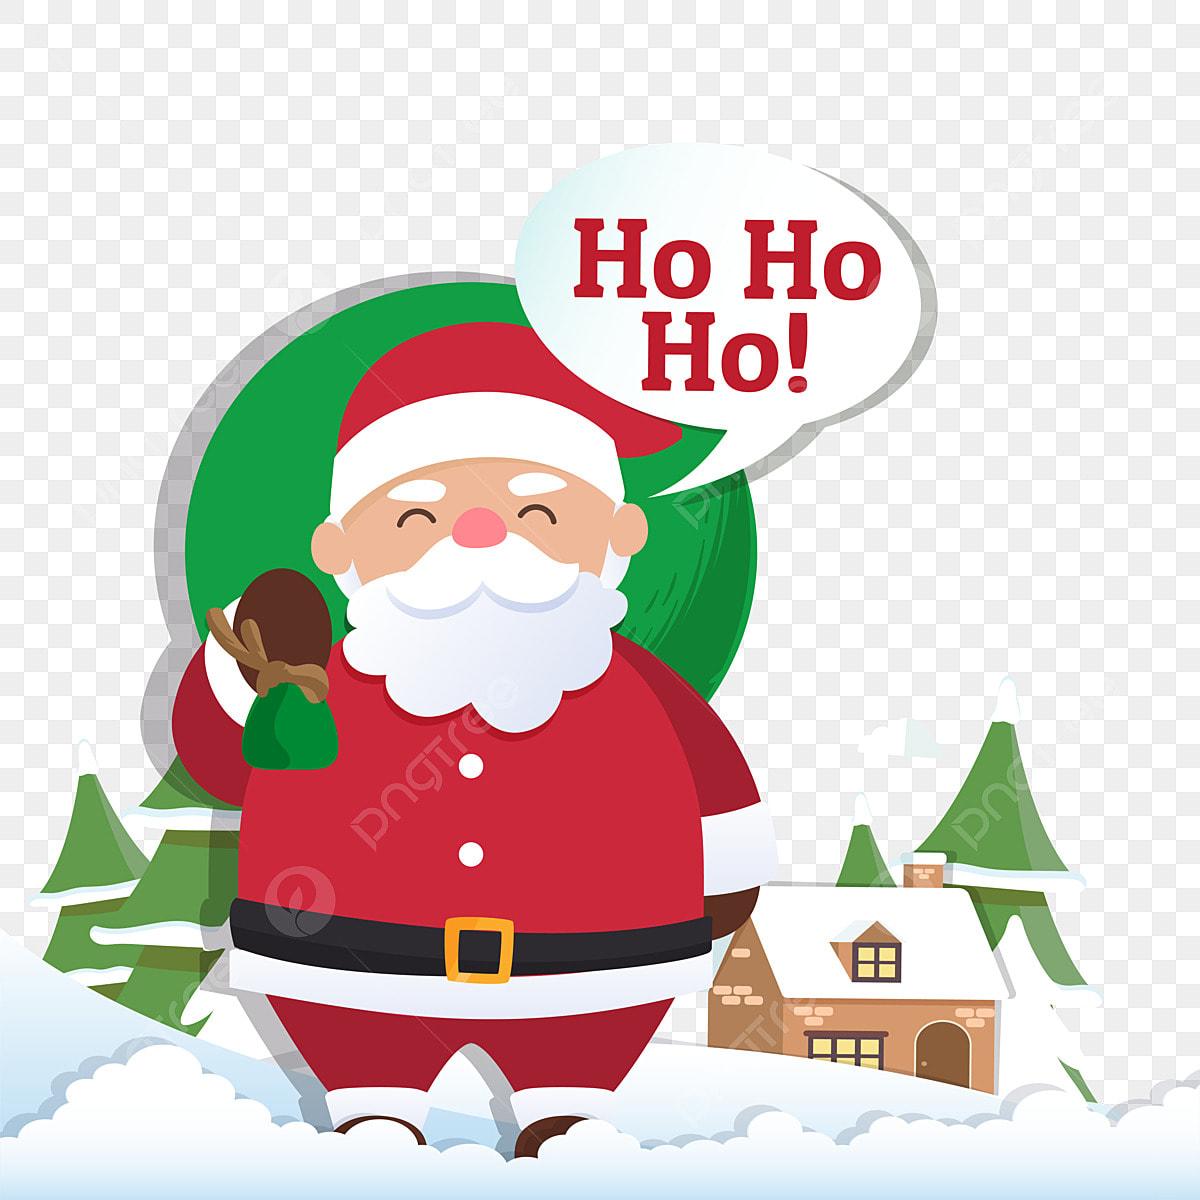 Frohe Weihnachten Kostenlose Bilder.Weihnachten Hintergrund Mit Santa Claus Und Frohe